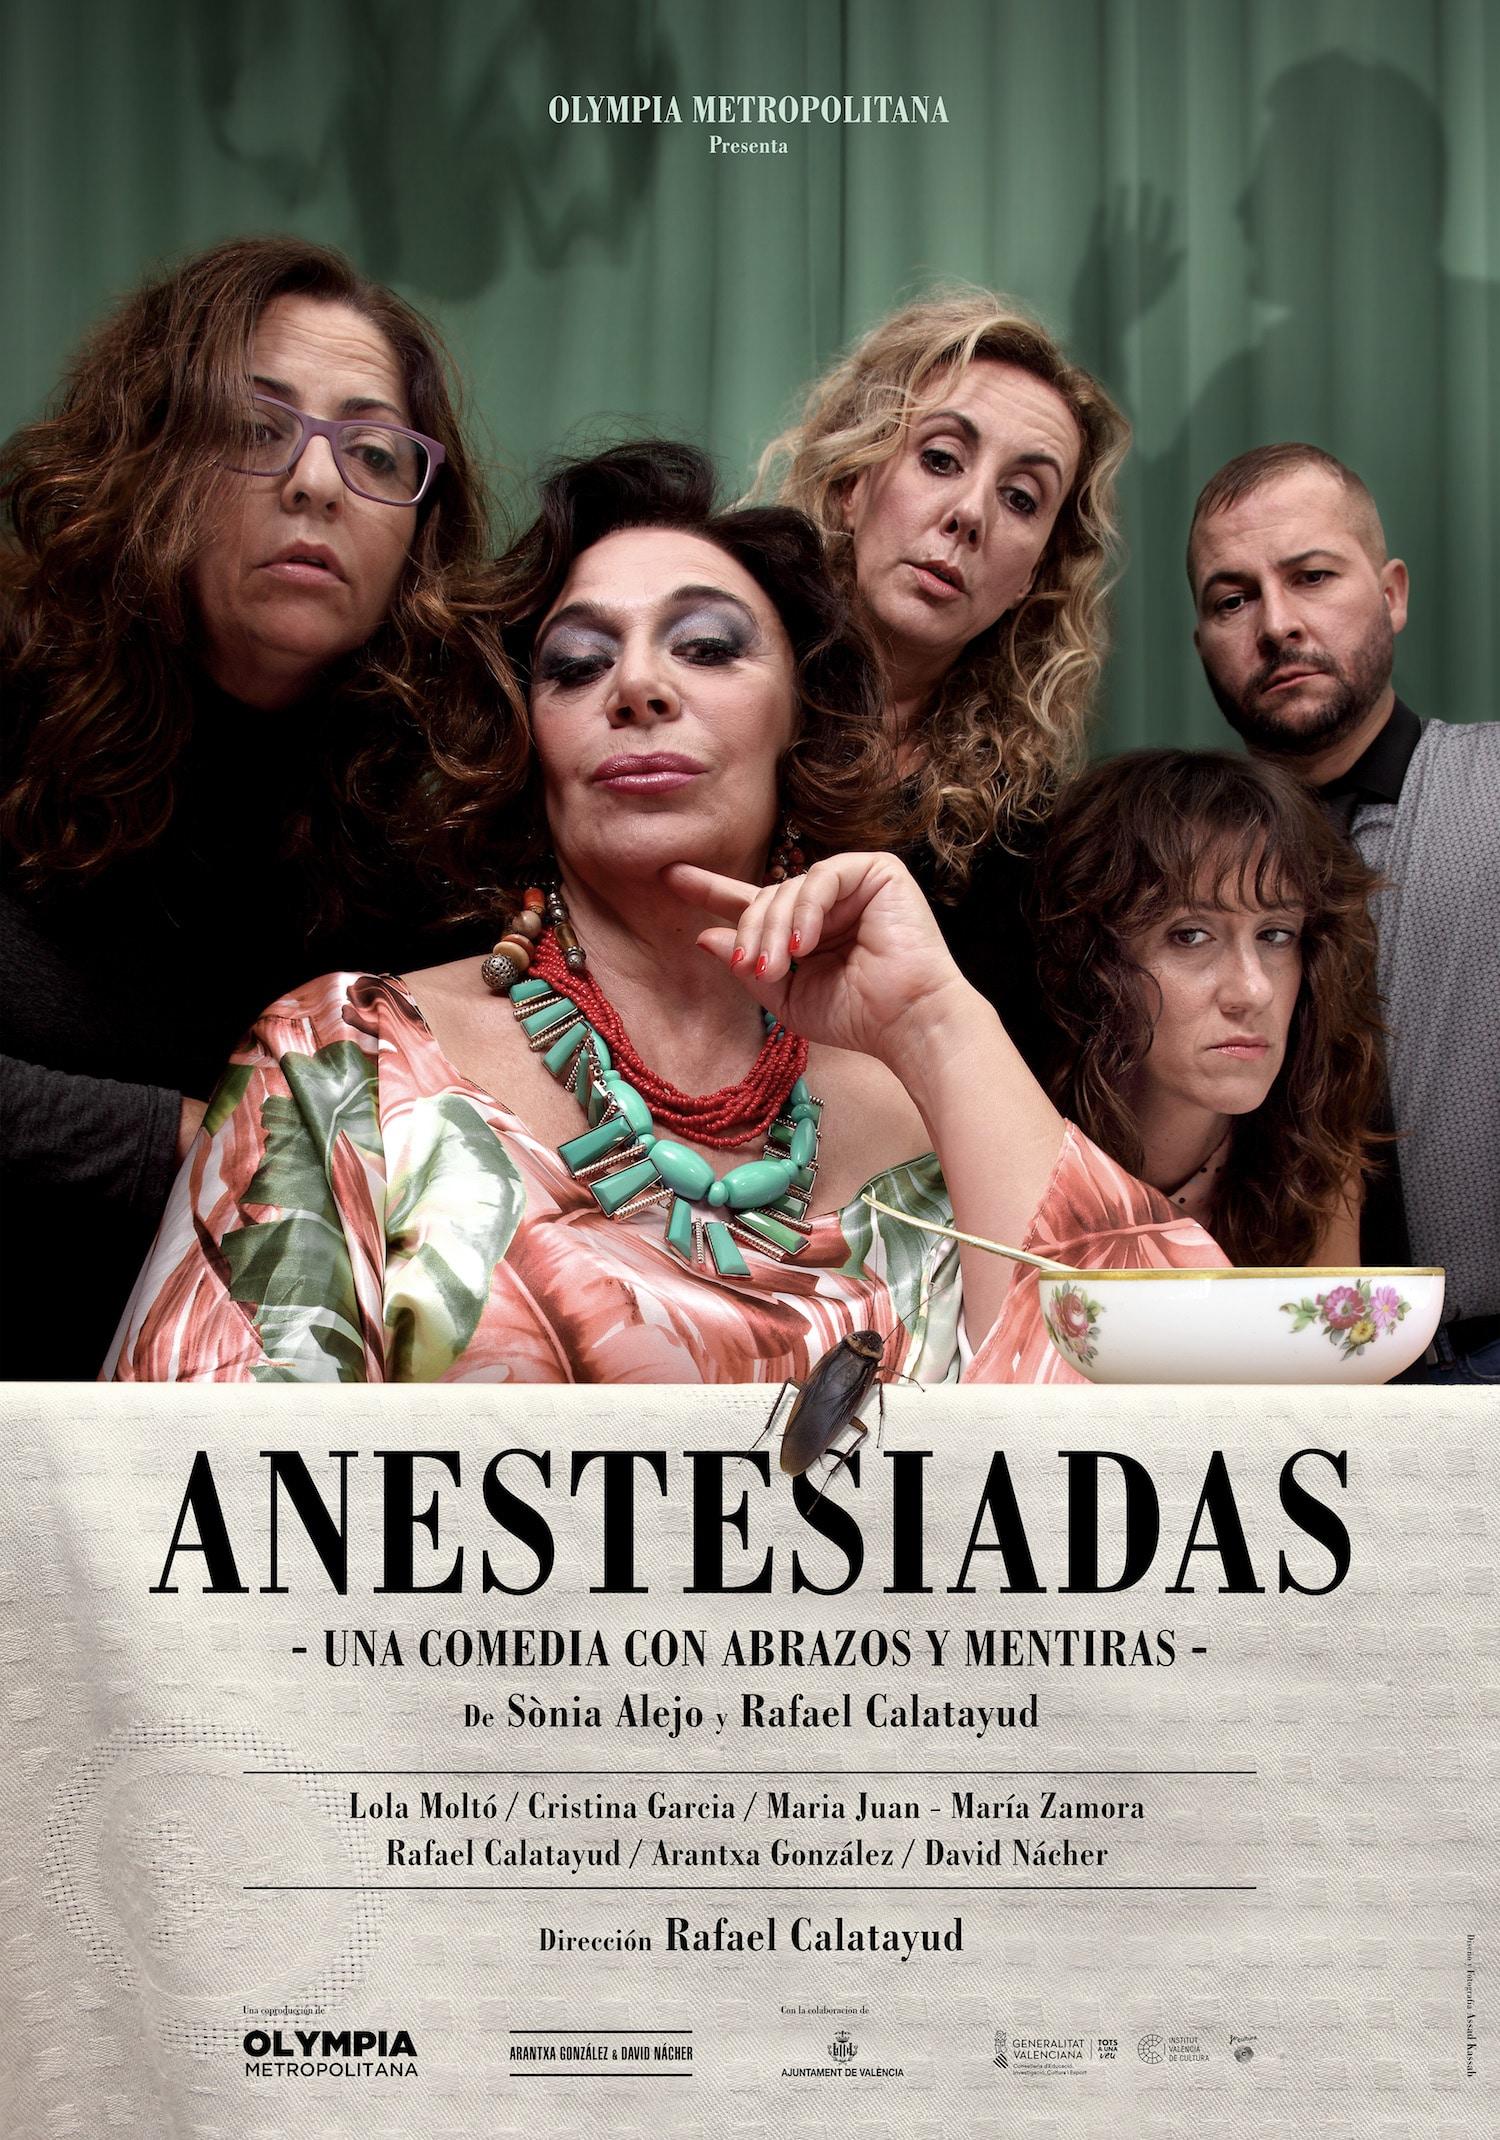 Anestesiadas